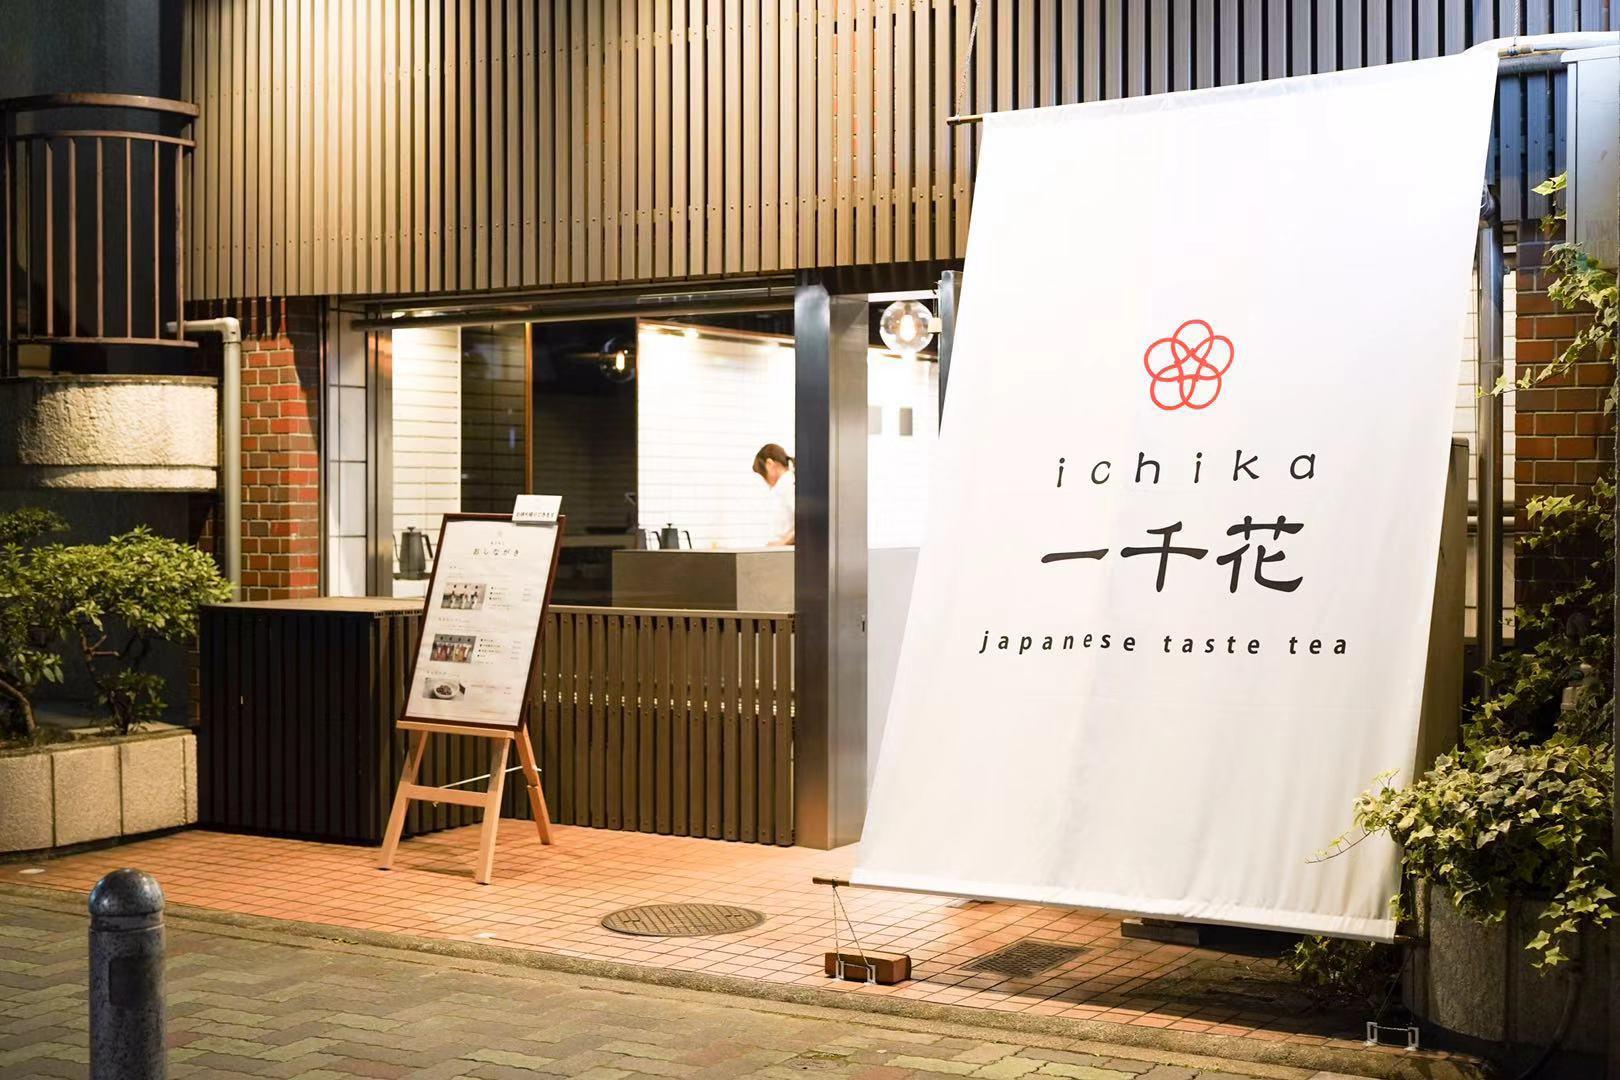 本格的な日本茶をカジュアルに楽しむ。原宿で人気の日本茶専門店「一千花(いちか)」が名古屋栄に登場! - ichika6